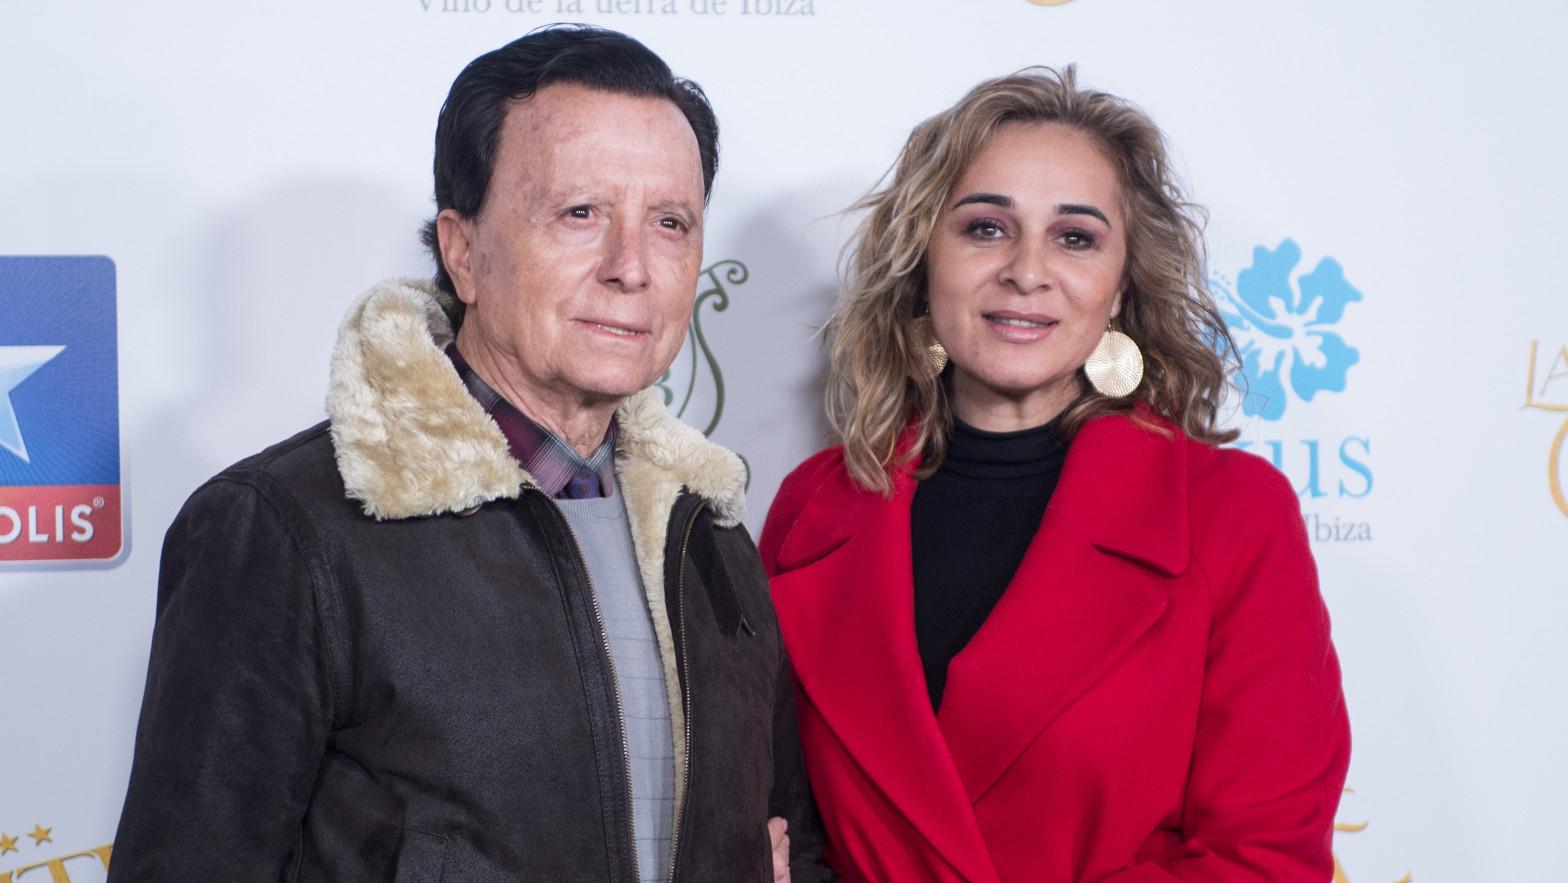 Preocupación por la salud de José Ortega Cano: será intervenido de urgencia